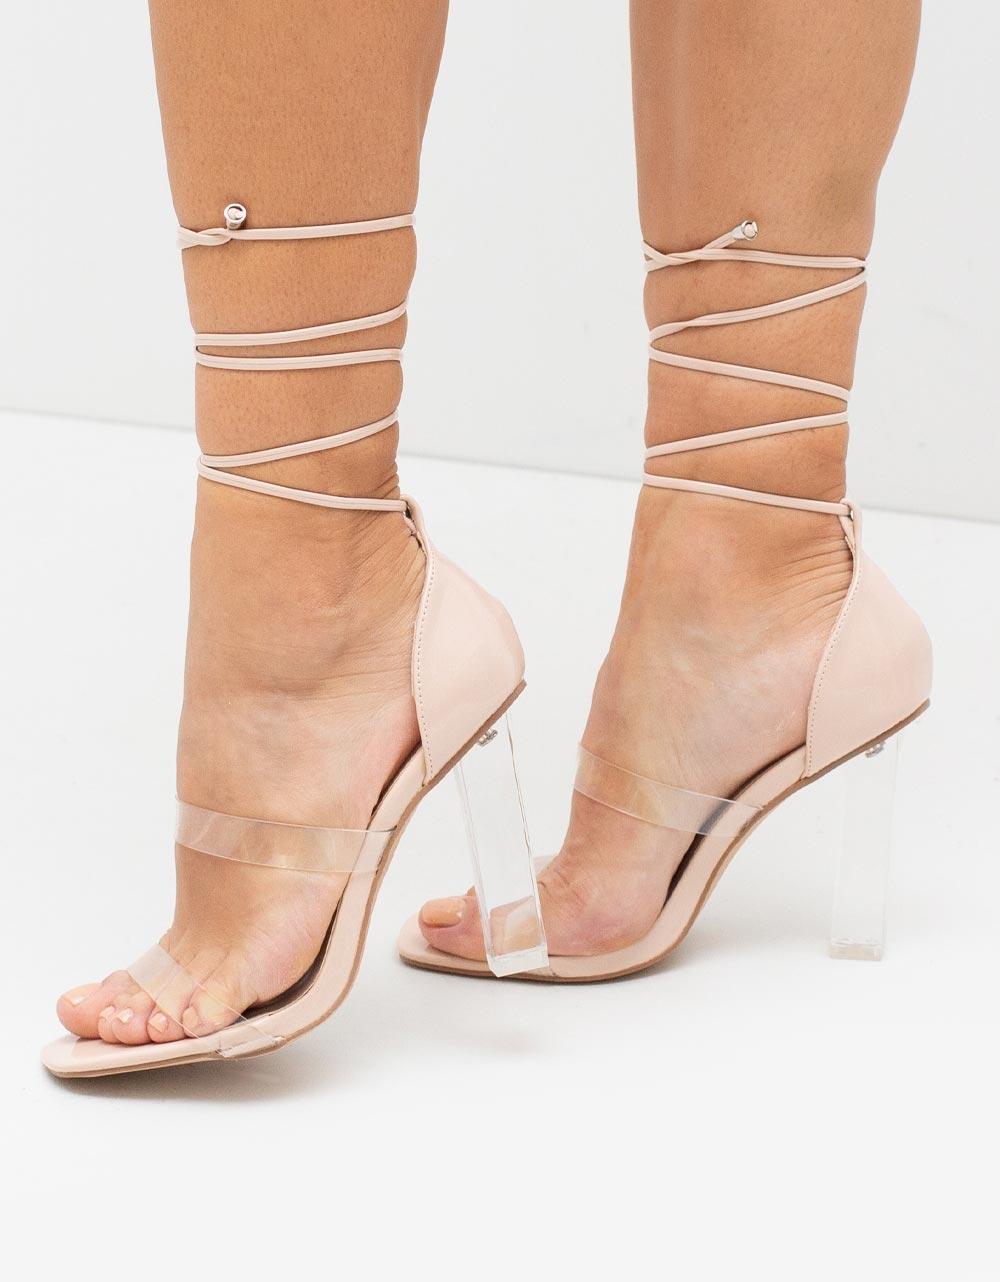 Εικόνα από Γυναικεία πέδιλα lace up με διπλή διαφάνεια Μπεζ